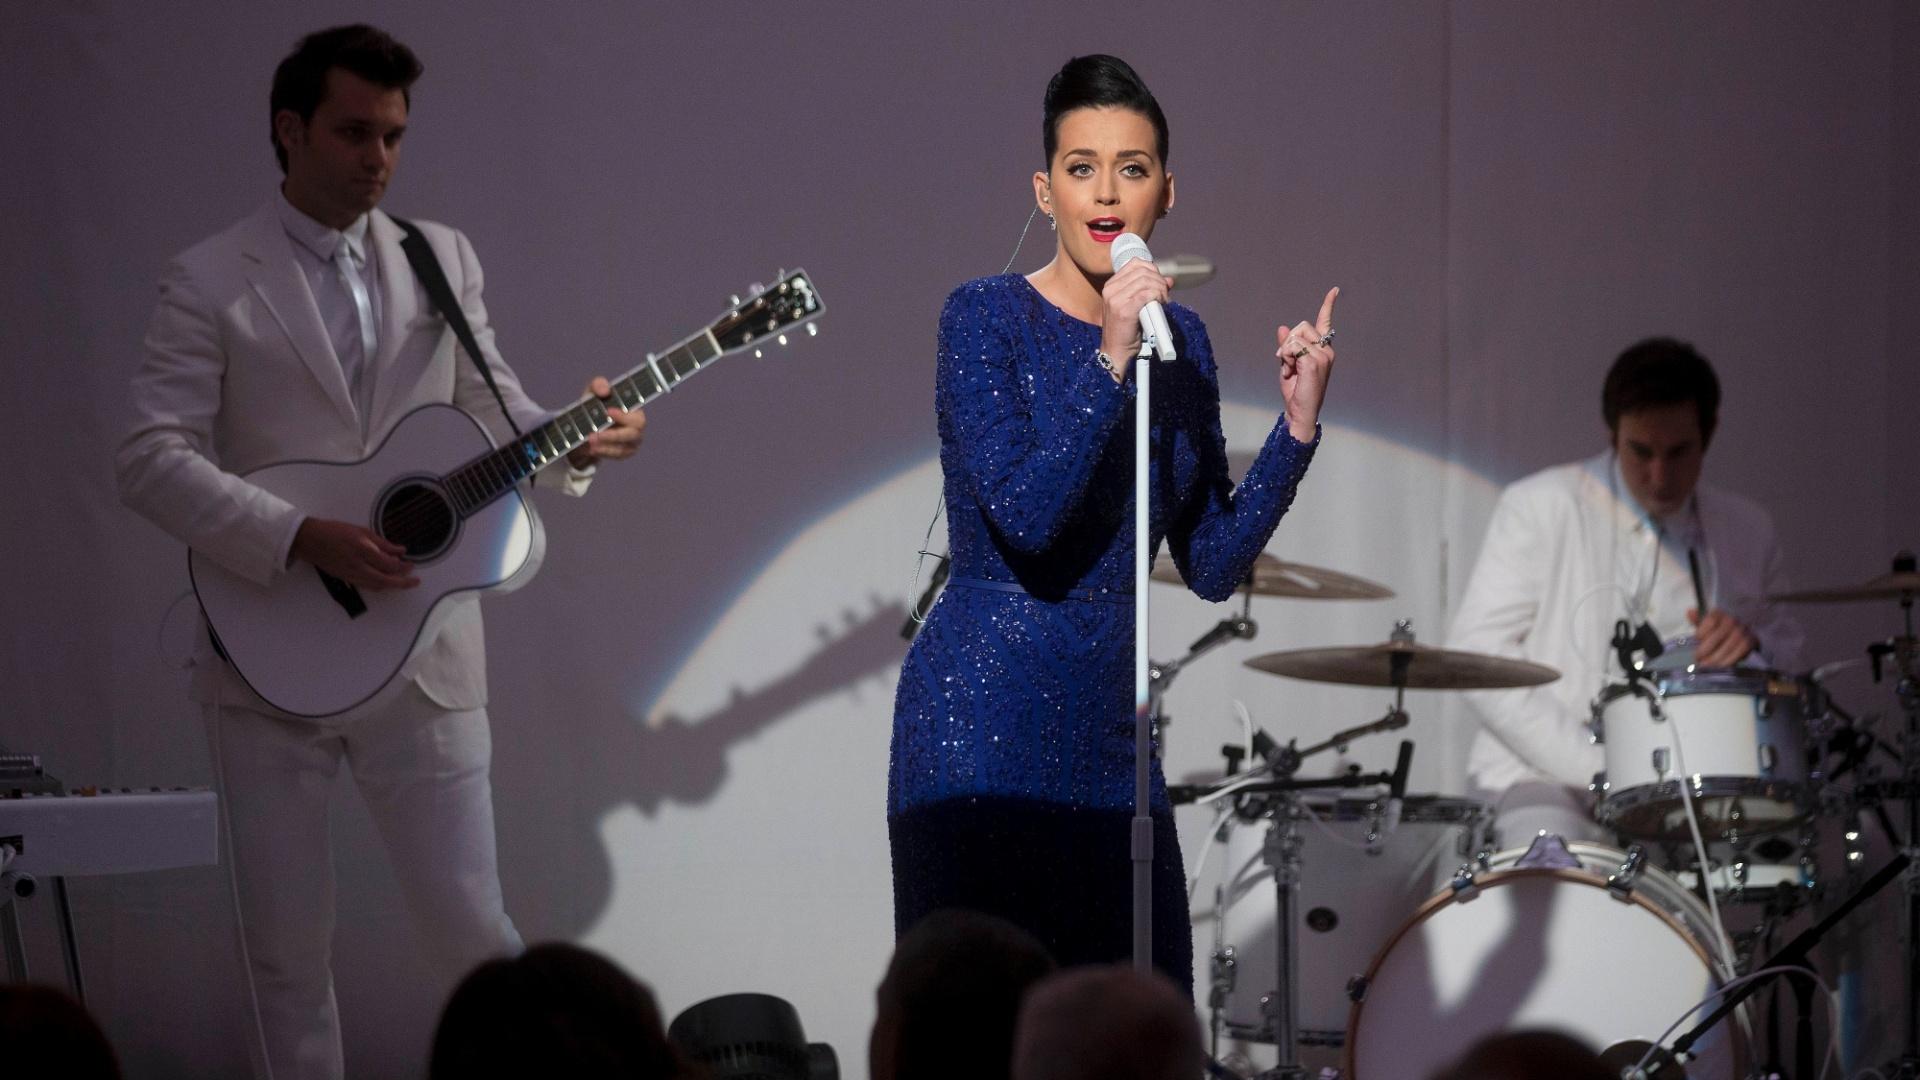 31.jul.2014 - Katy Perry se apresenta em baile de gala da Fundação Special Olympics na Casa Branca, em Washington31.jul.2014 - Katy Perry se apresenta em baile de gala da Fundação Special Olympics na Casa Branca, em Washington